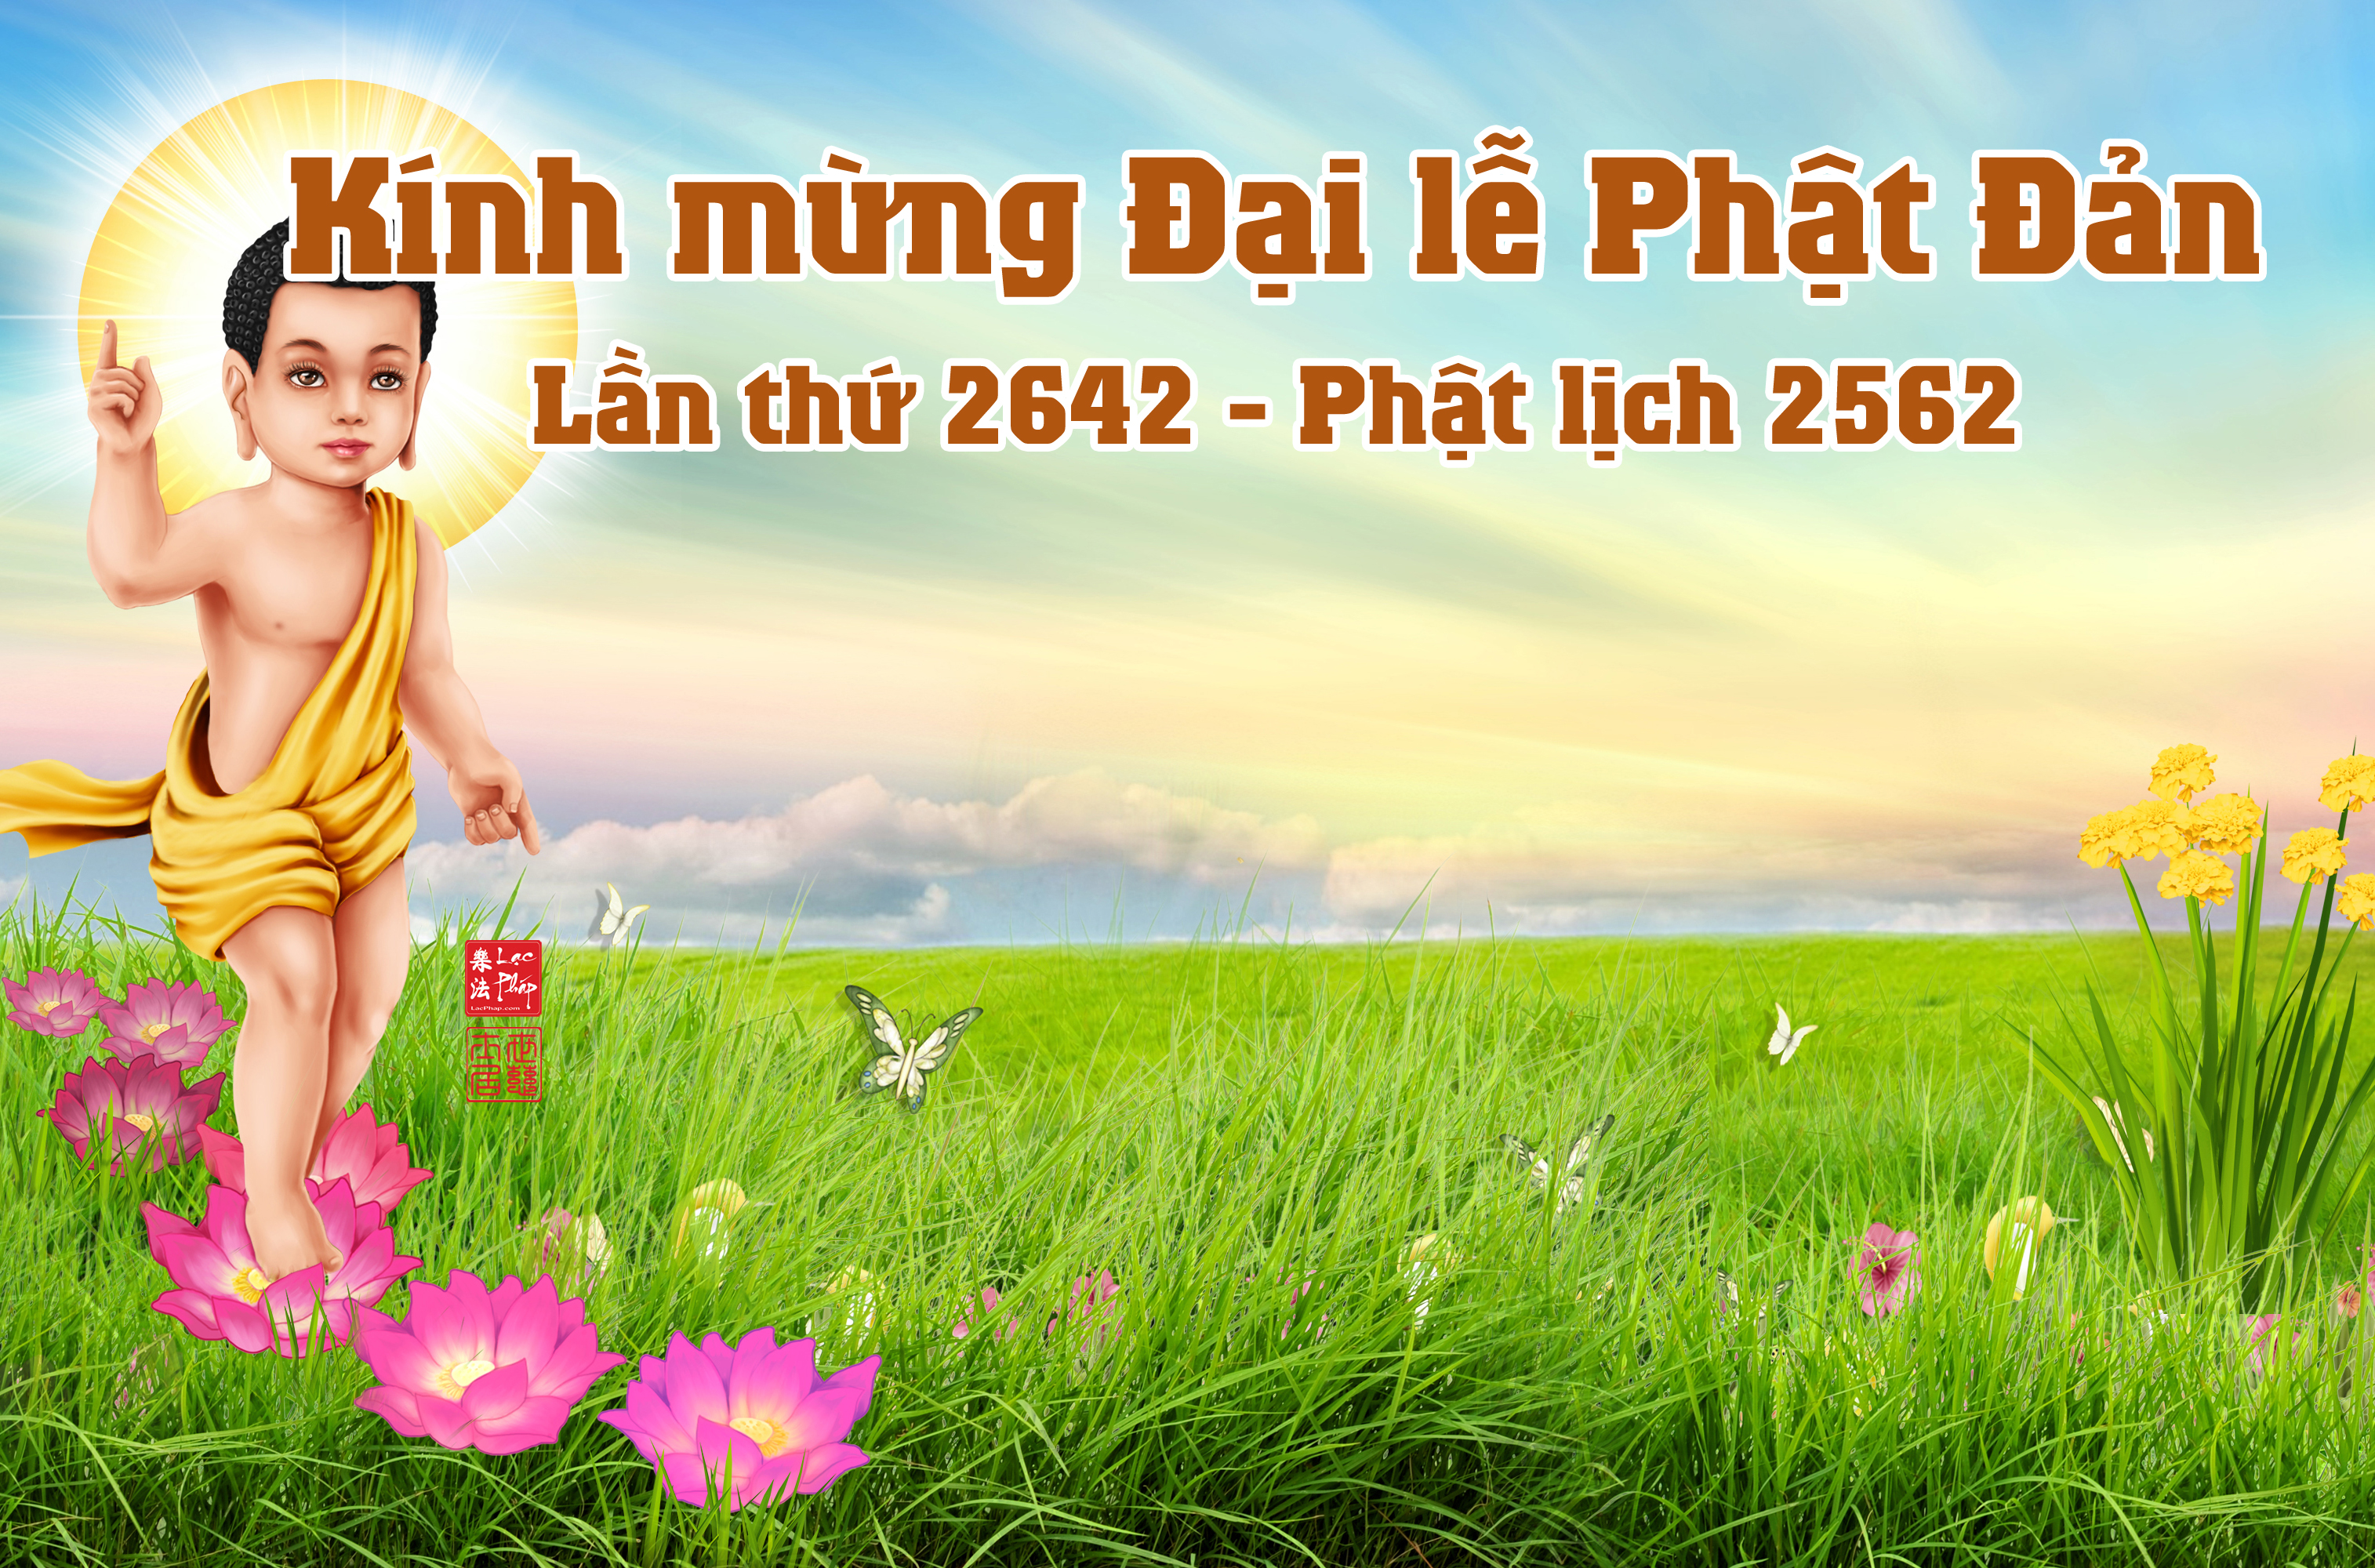 KÍnh mừng đại lễ Phật đản